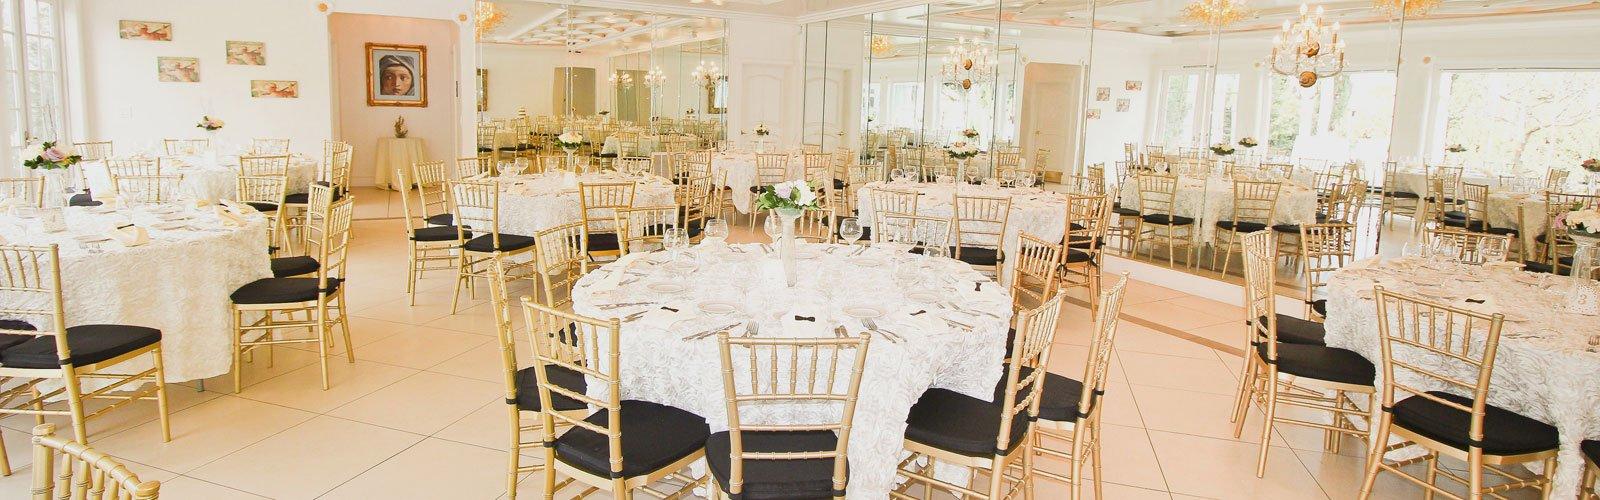 Banquets Horsdoeuvres